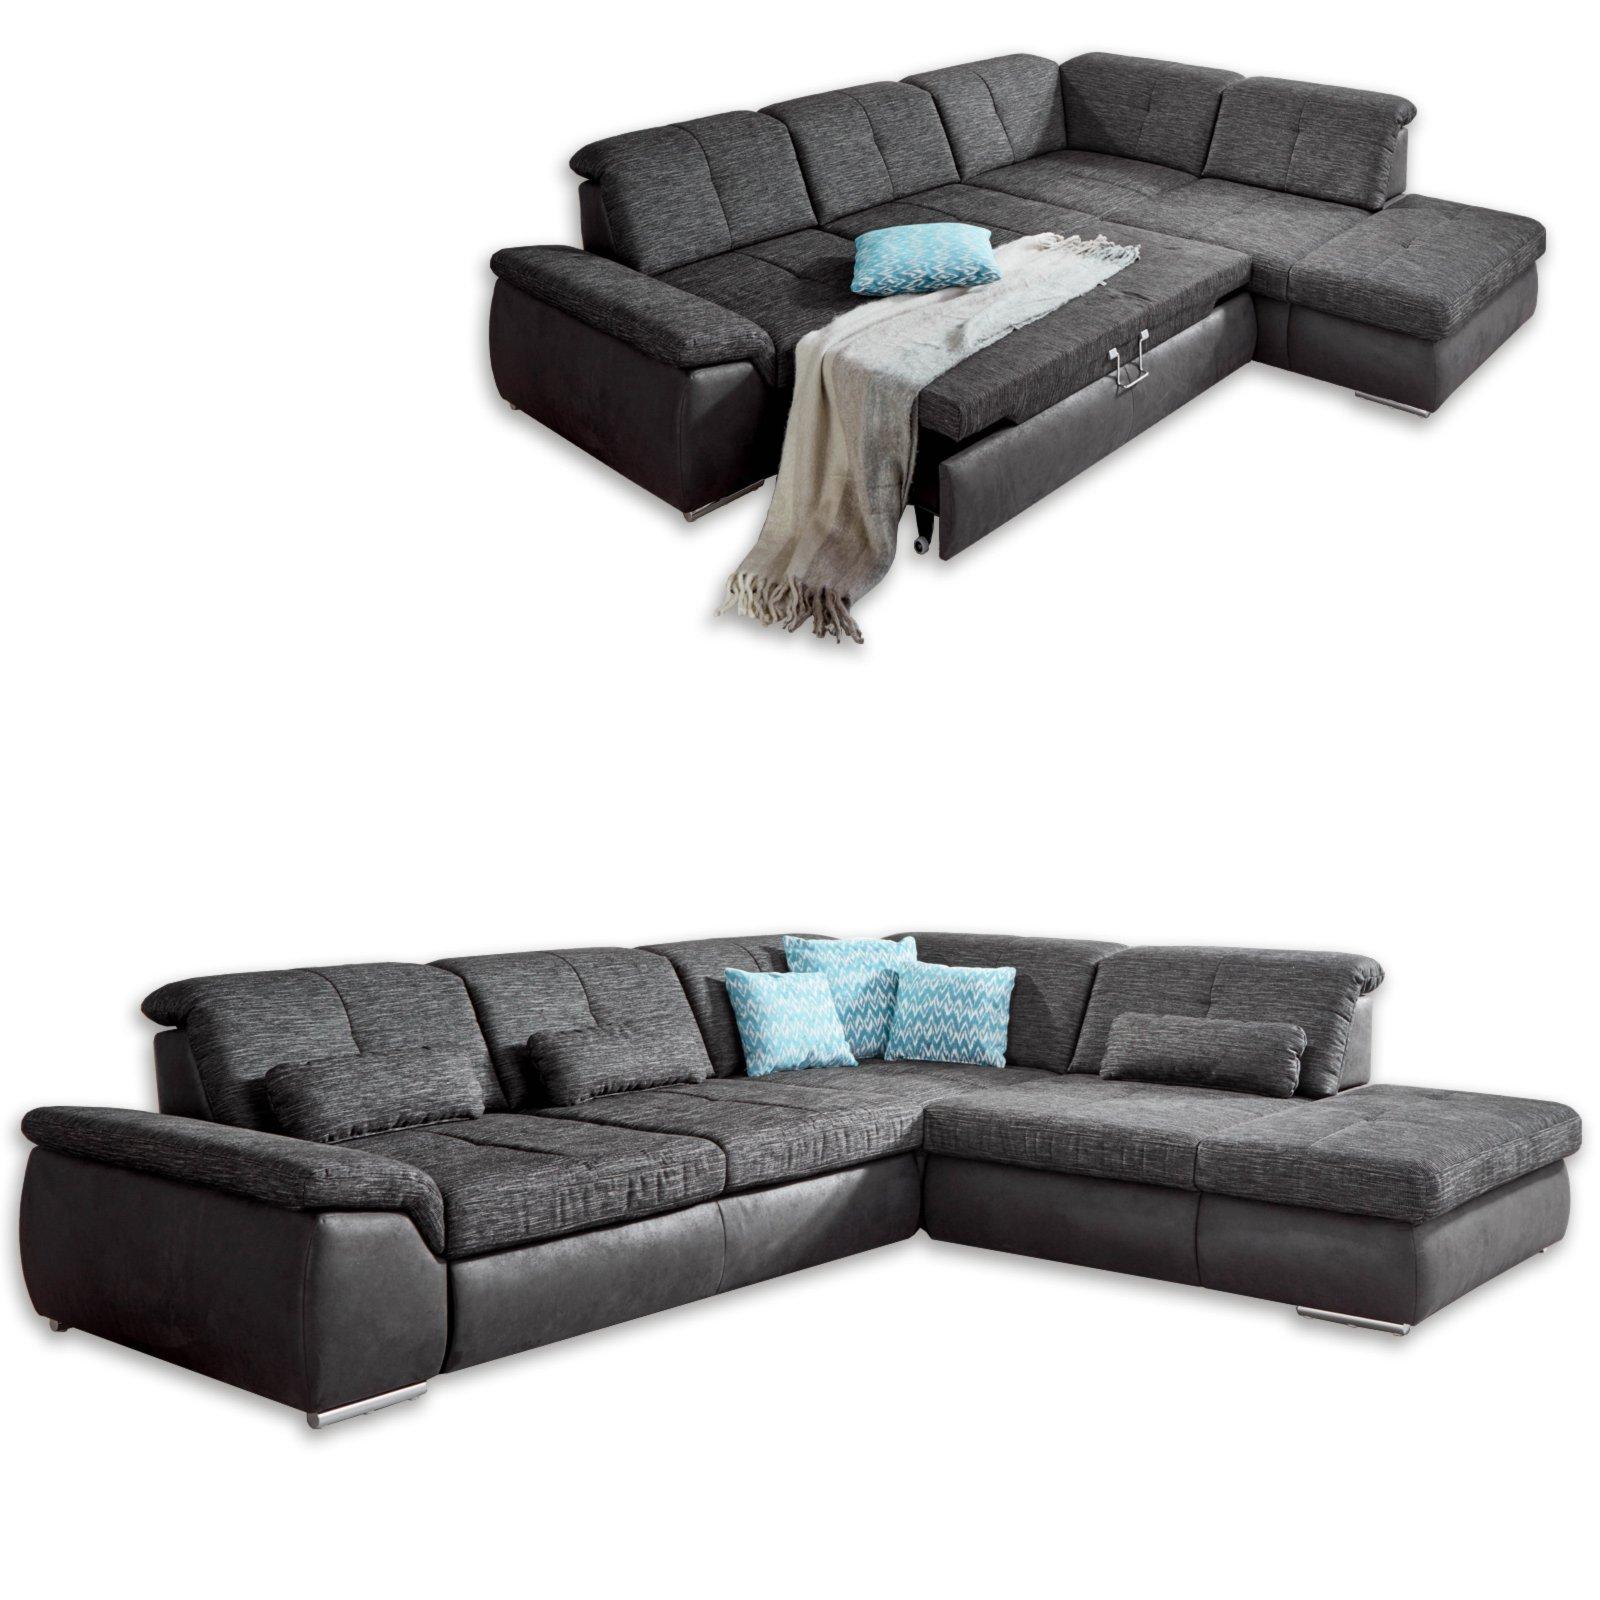 wohnlandschaft anthrazit schwarz liegefunktion ecksofas l form sofas couches m bel. Black Bedroom Furniture Sets. Home Design Ideas